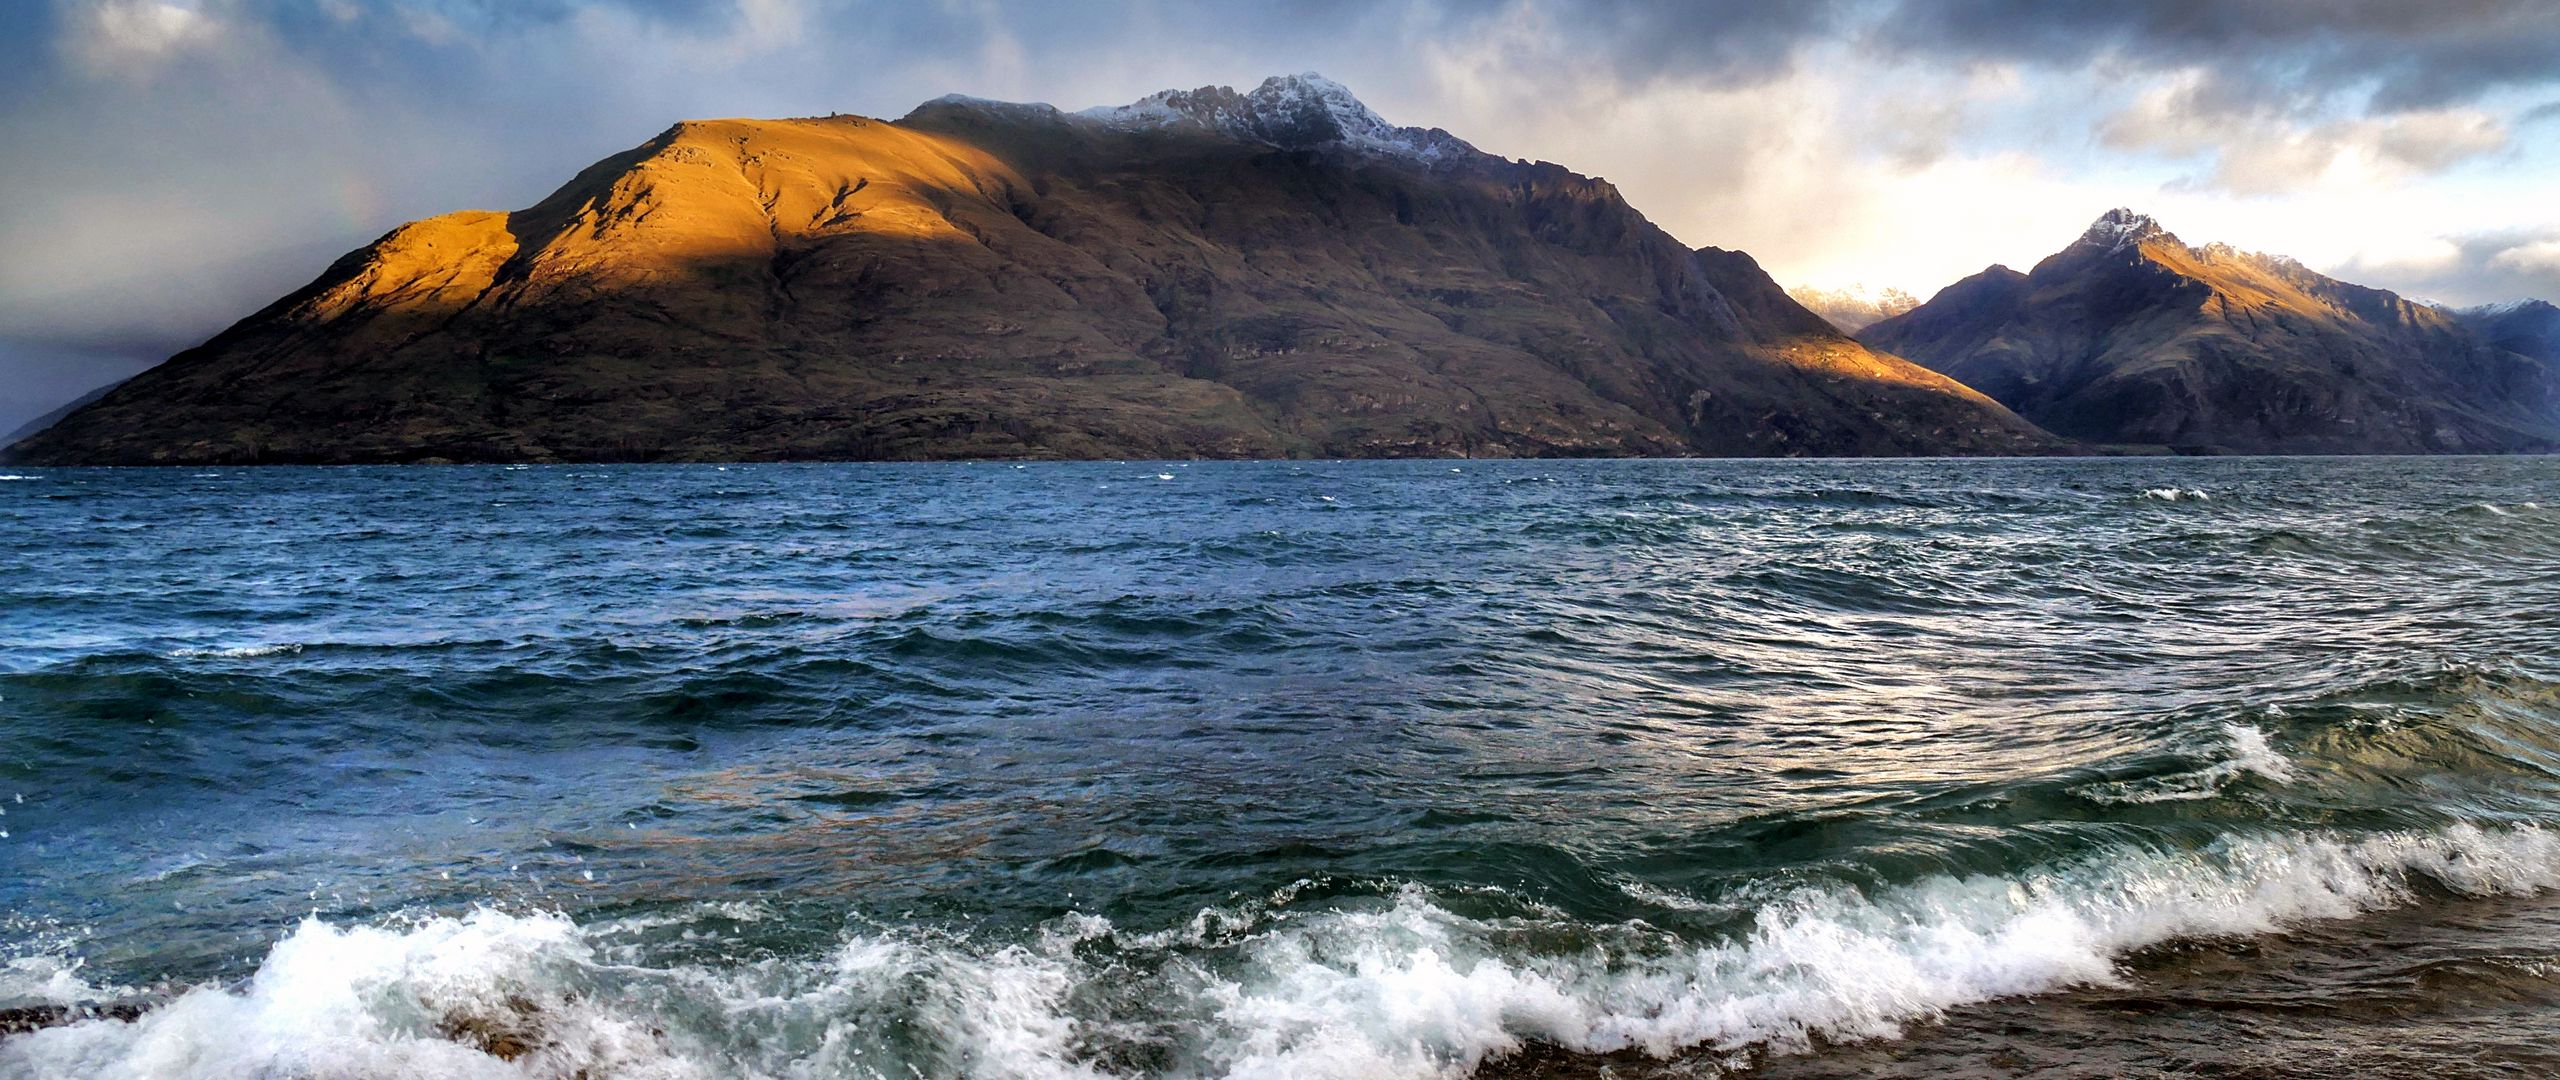 Wallpaper Coast next to mountains